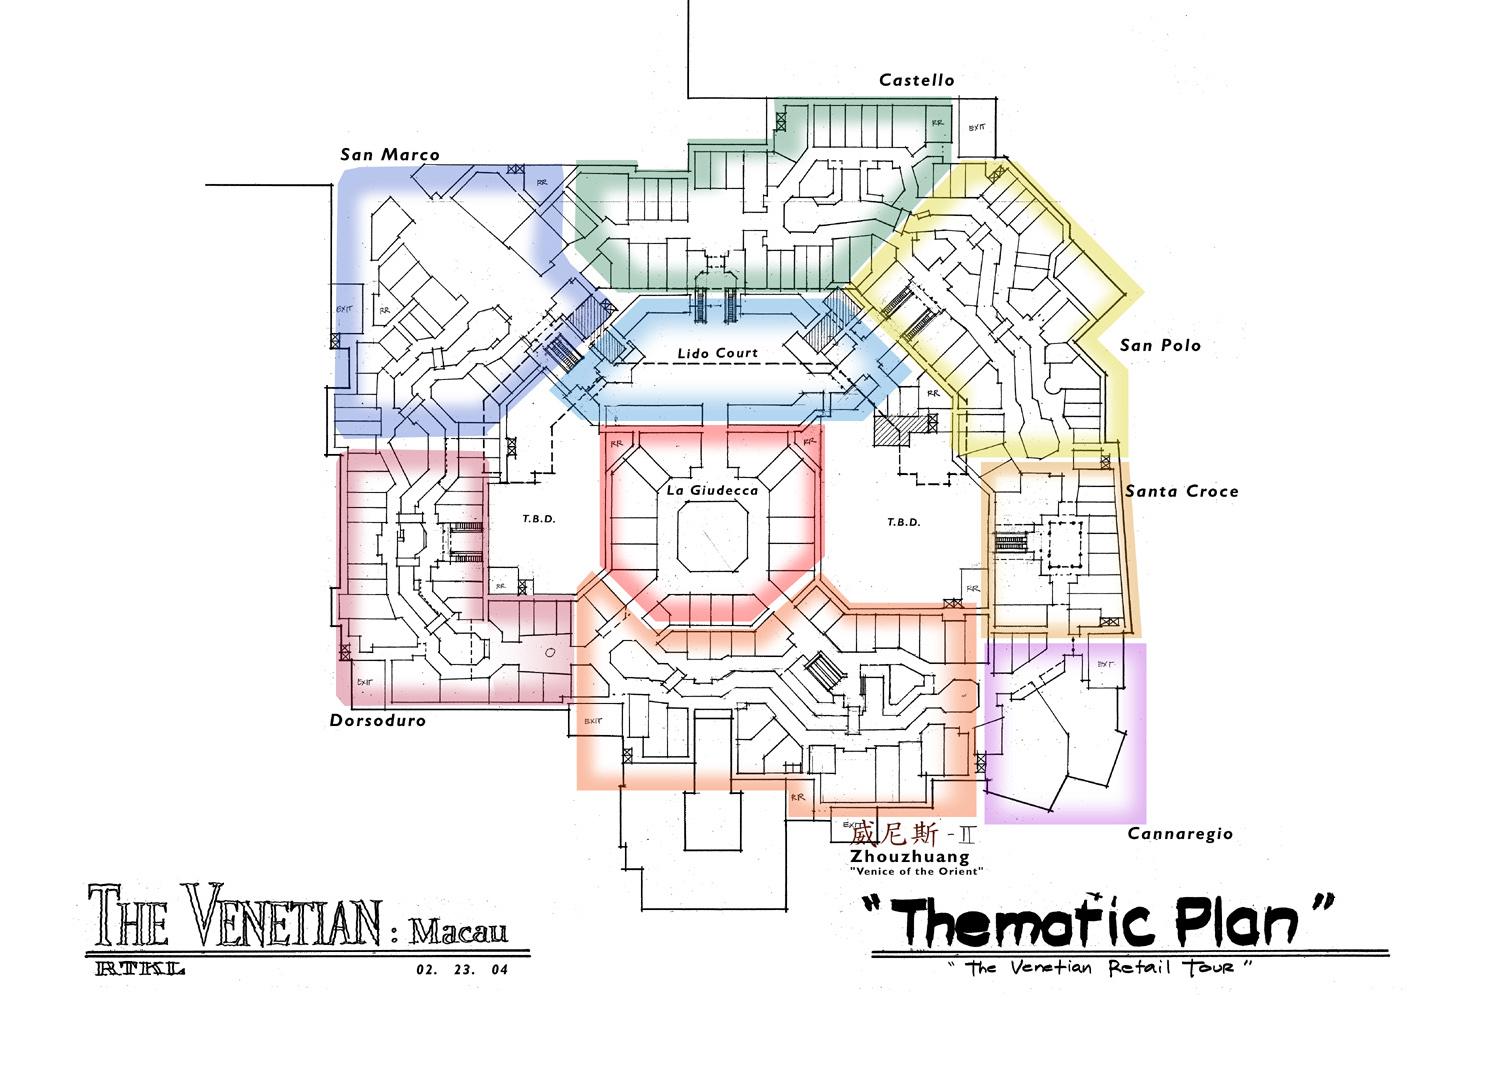 Venetian hotel macau floor plan thecarpets co for Venetian floor plan